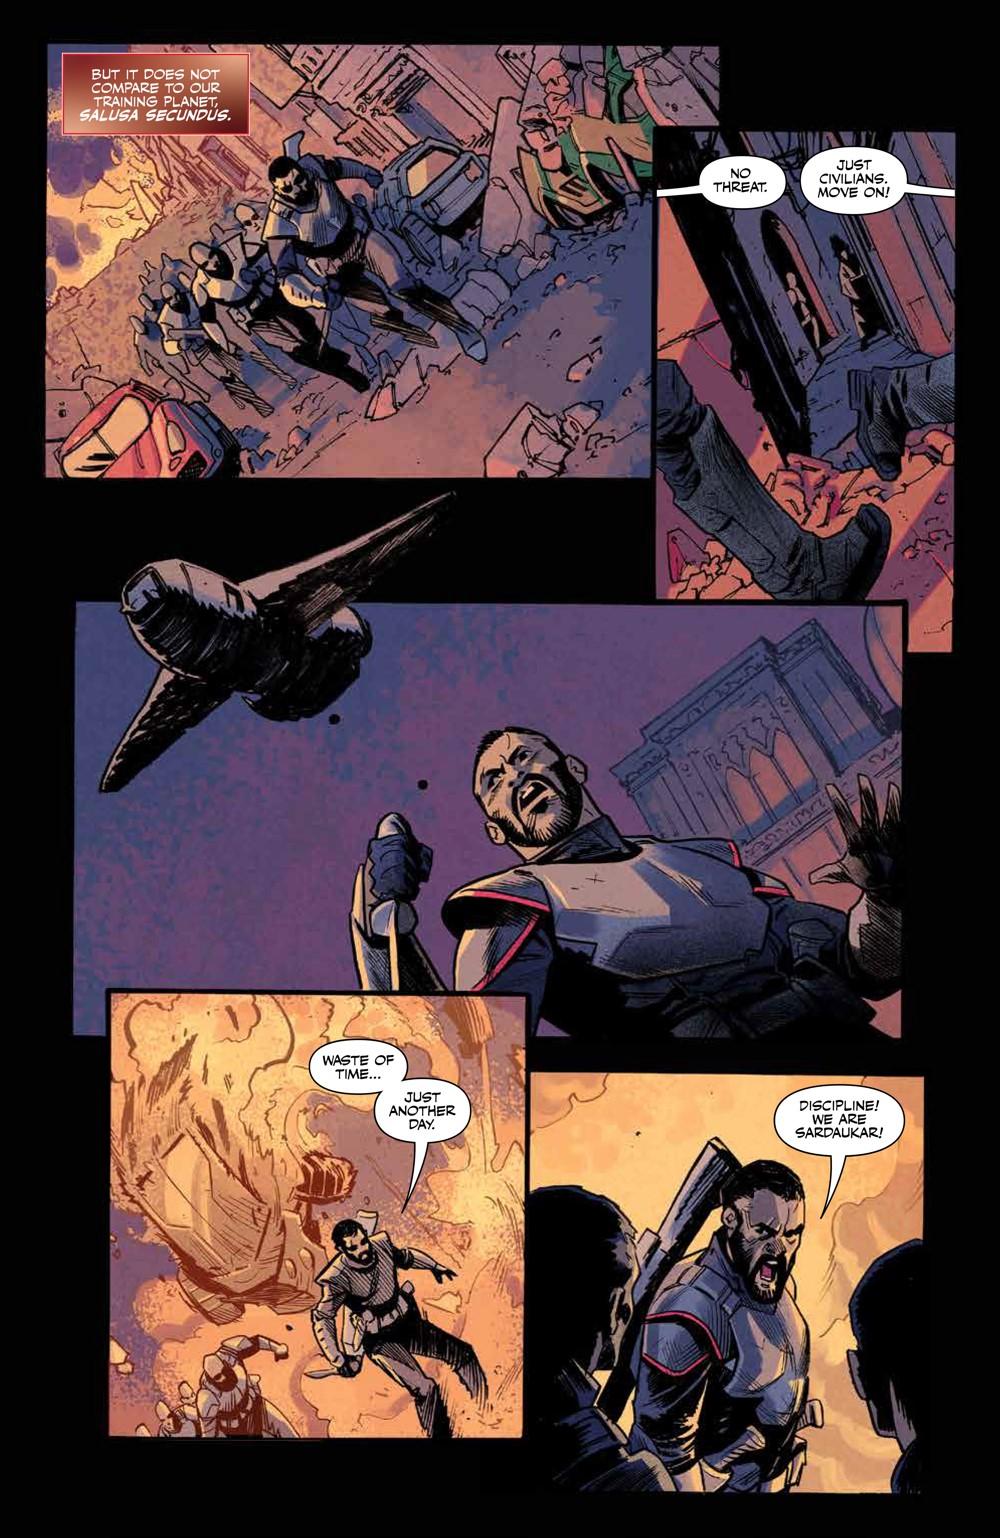 Dune_BloodSardaukar_001_PRESS_7 ComicList Previews: DUNE BLOOD OF THE SARDAUKAR #1